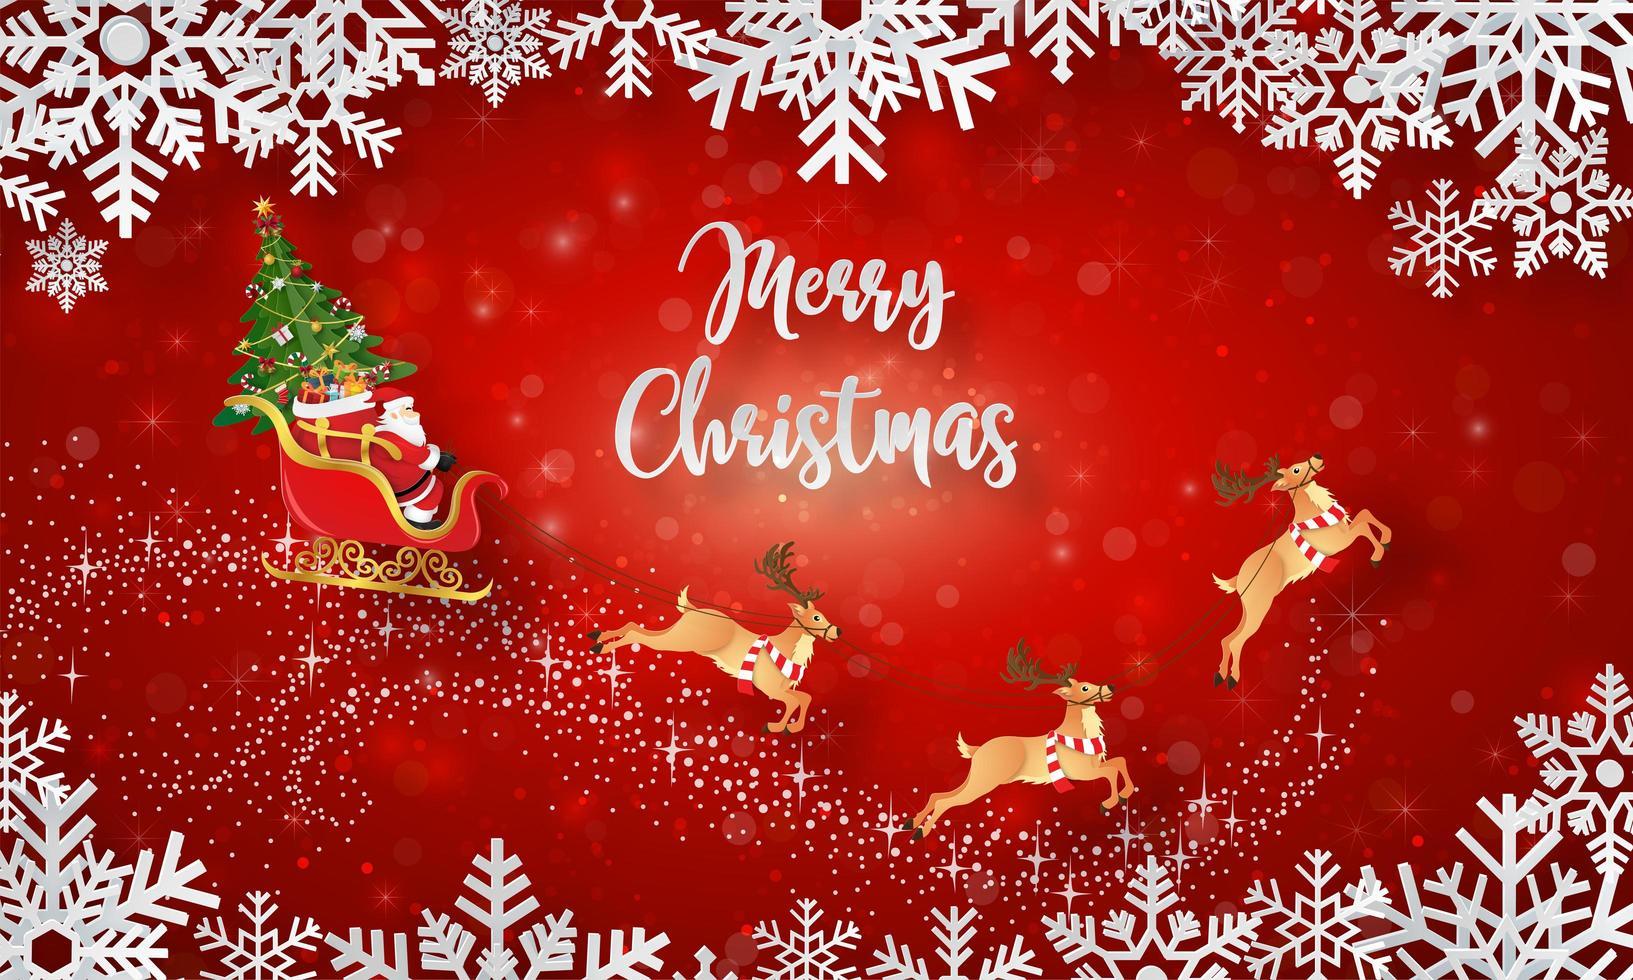 kerstman op een slee met kerstboom op kerst briefkaart banner vector